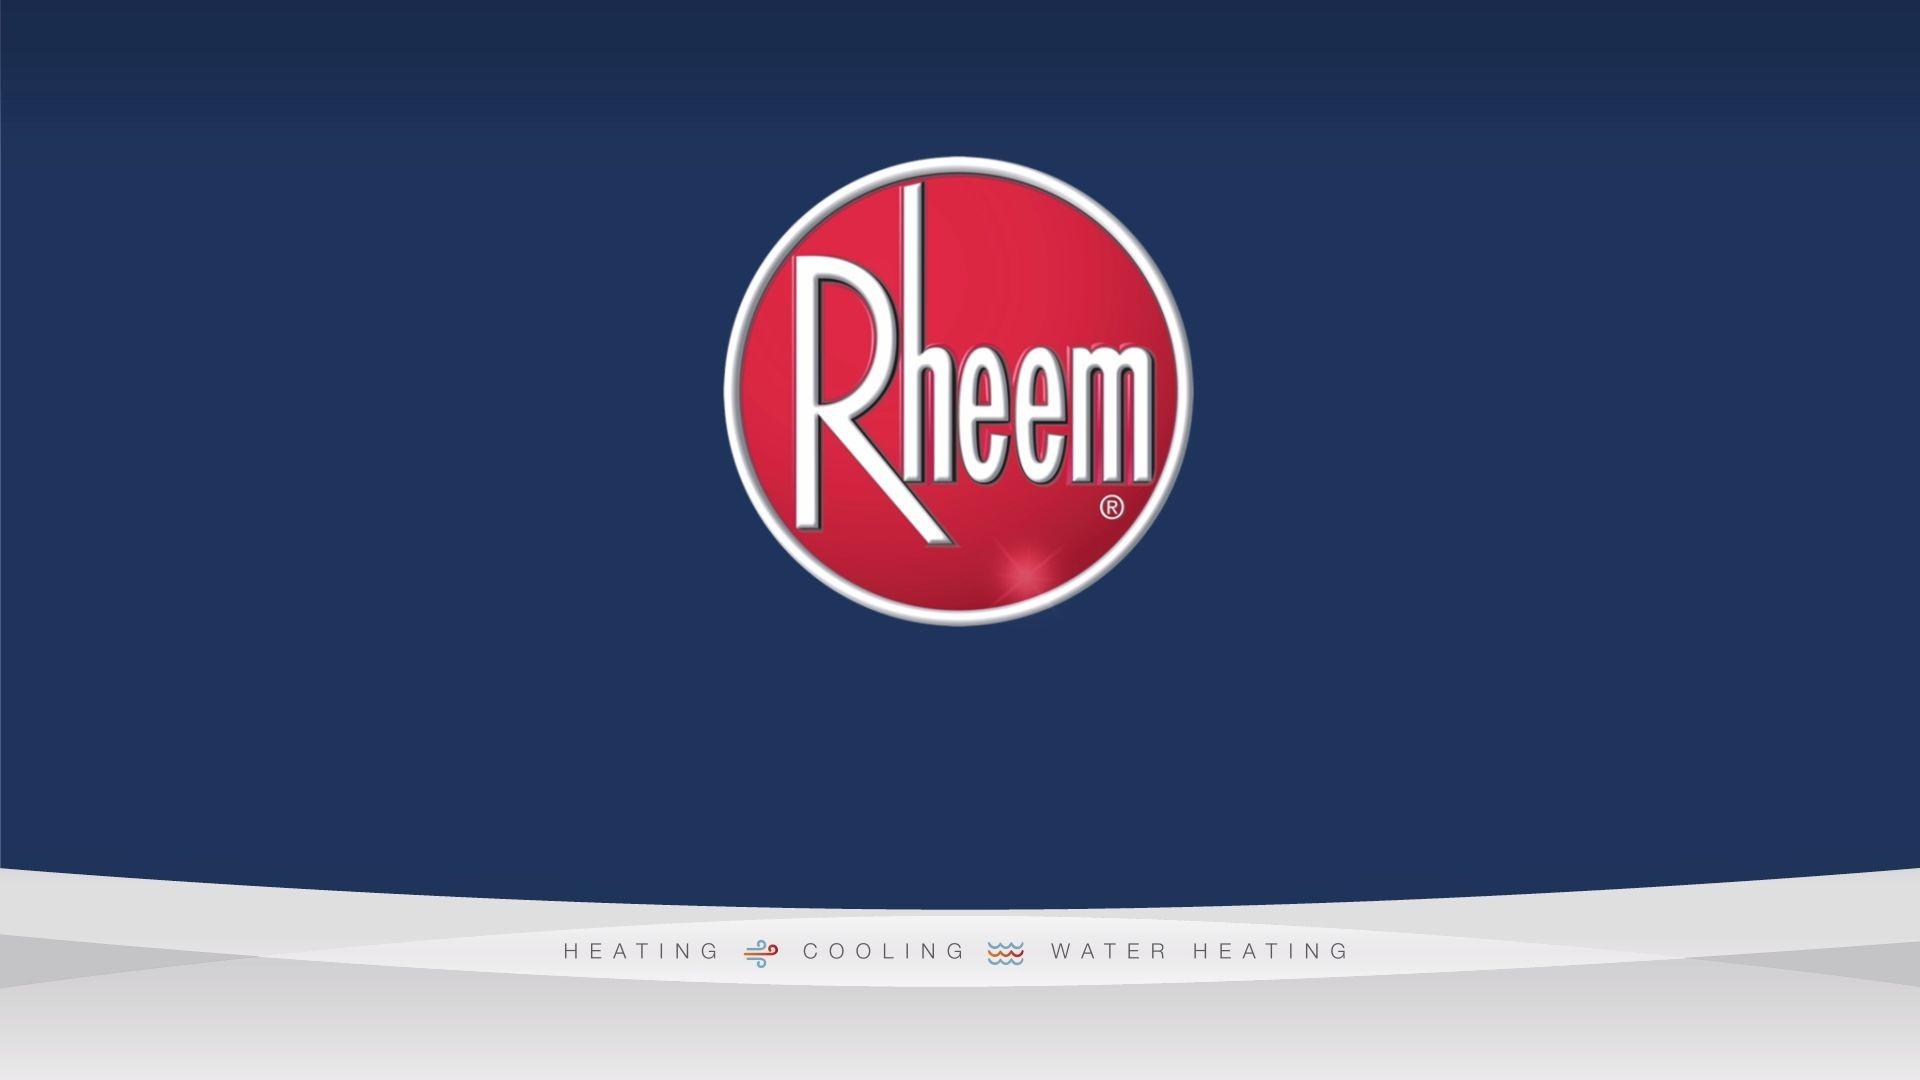 Rheem.